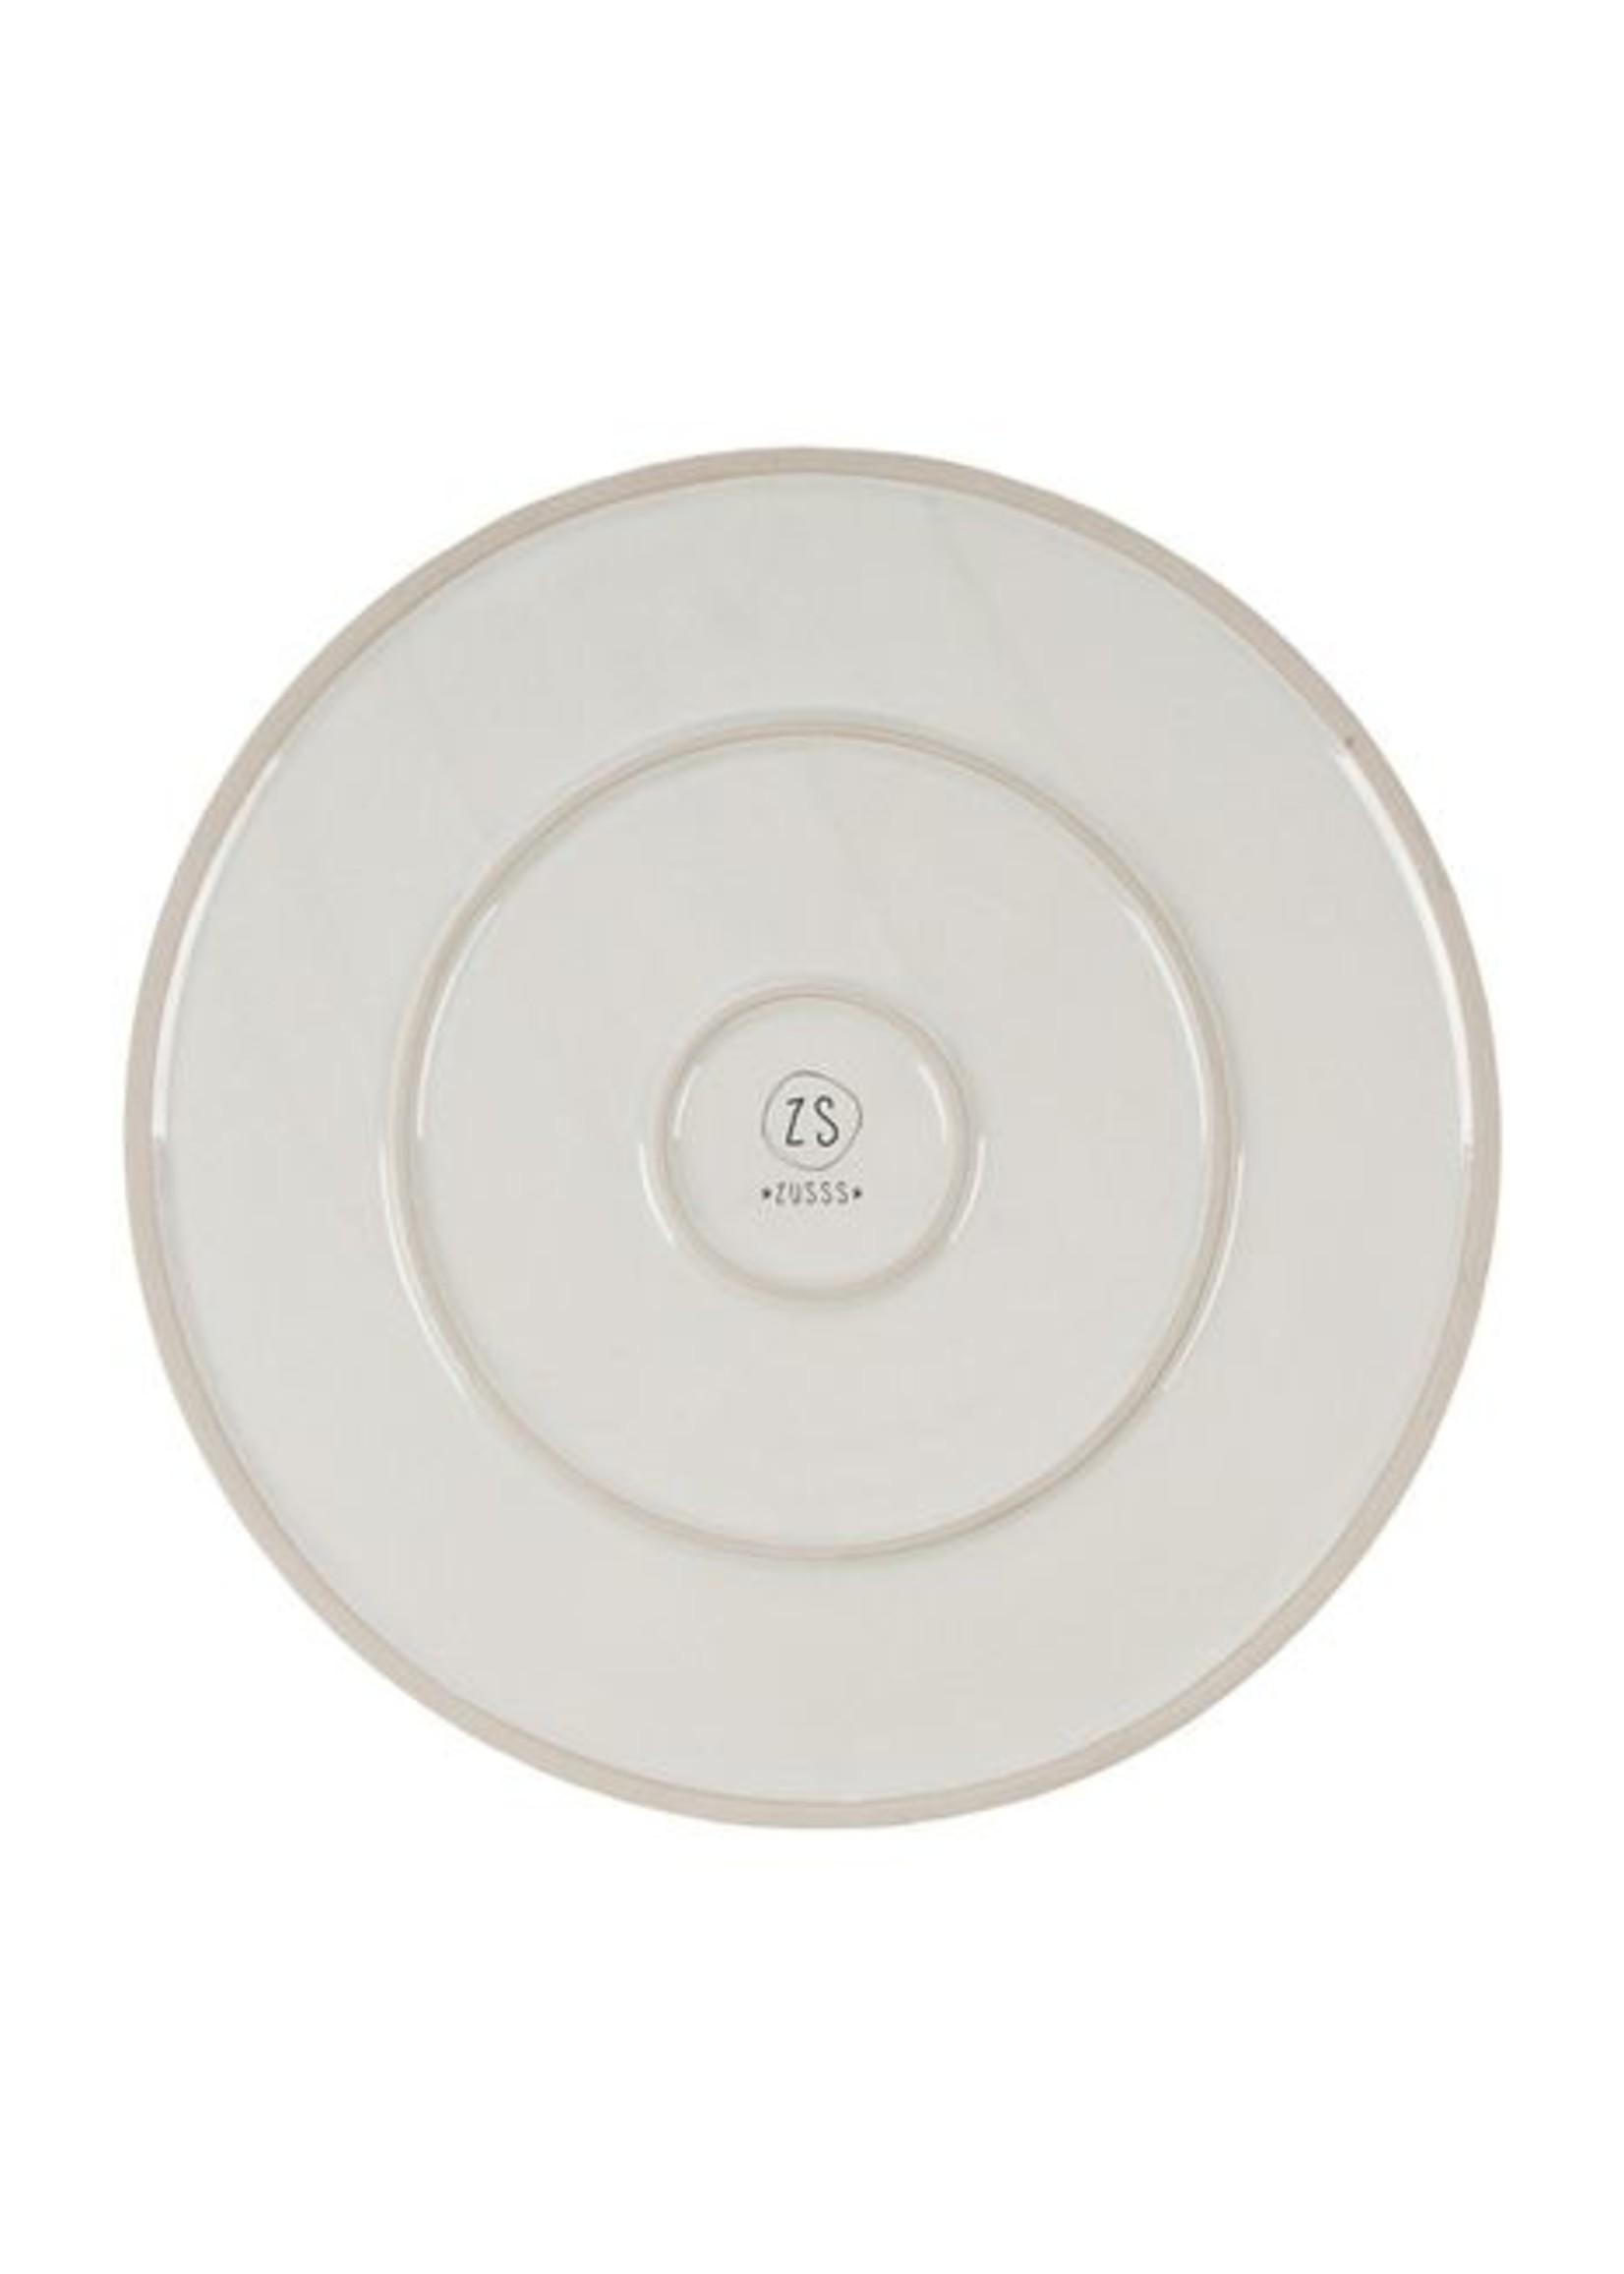 ZUSSS dinerbord aardewerk wit